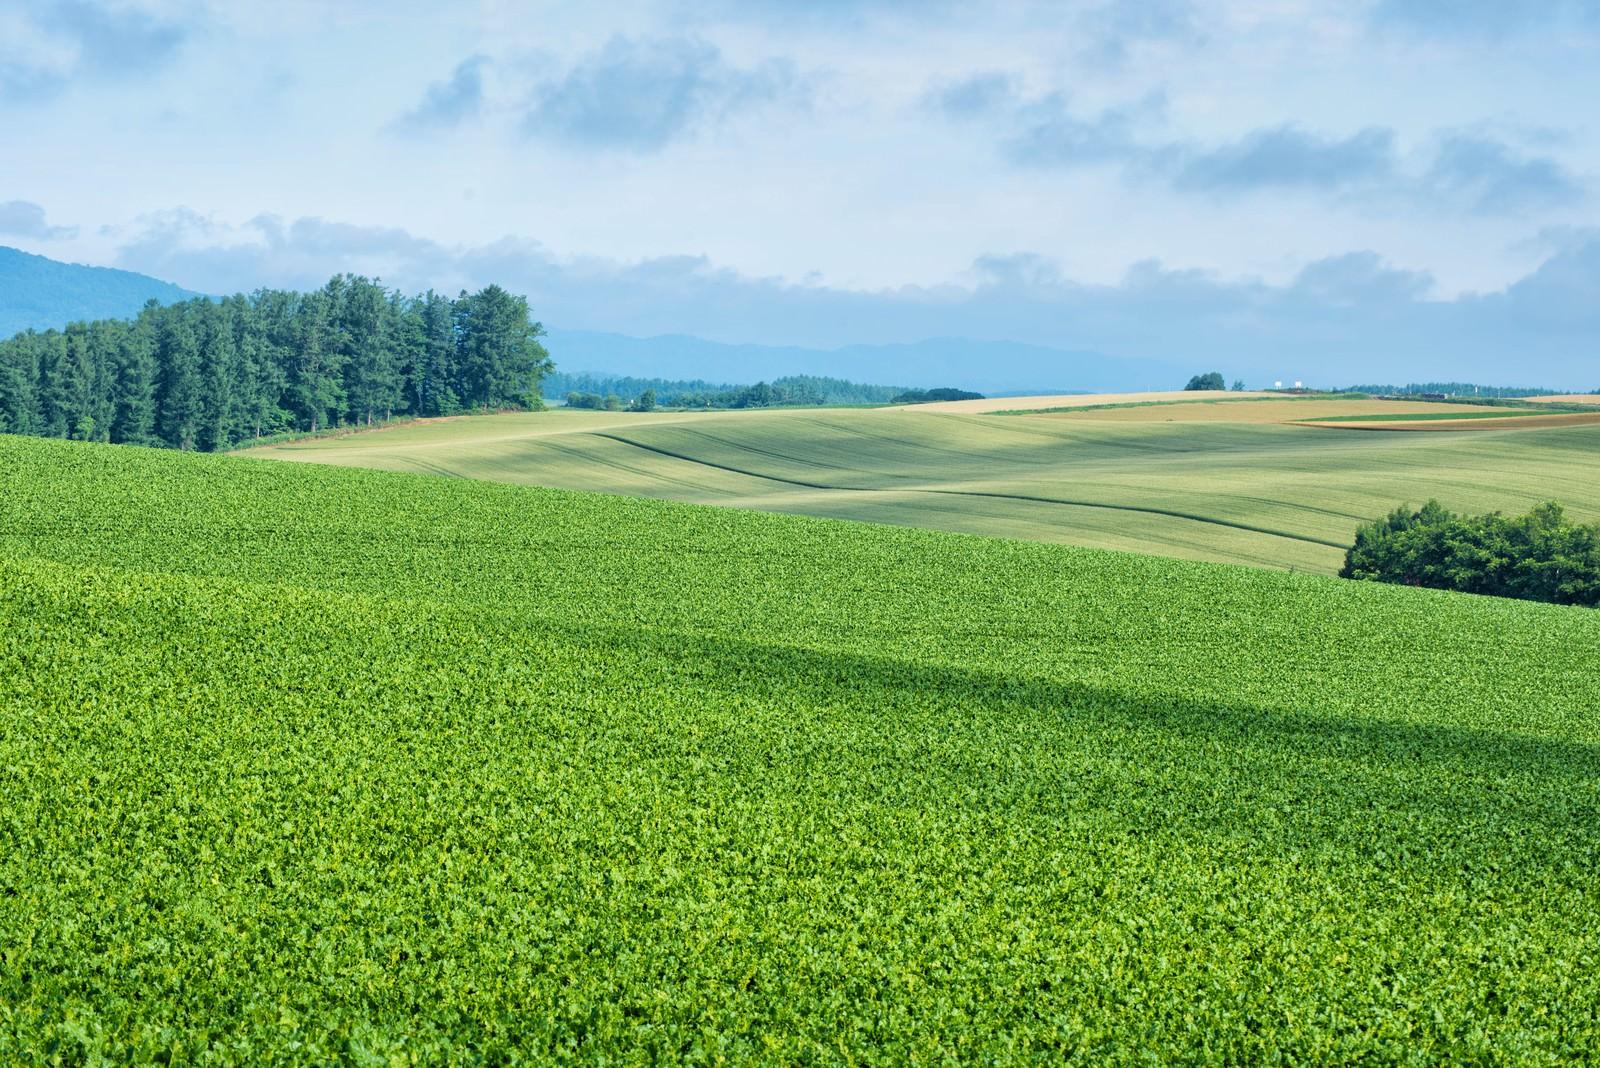 「雲の陰が映る広大な美瑛町の丘」の写真